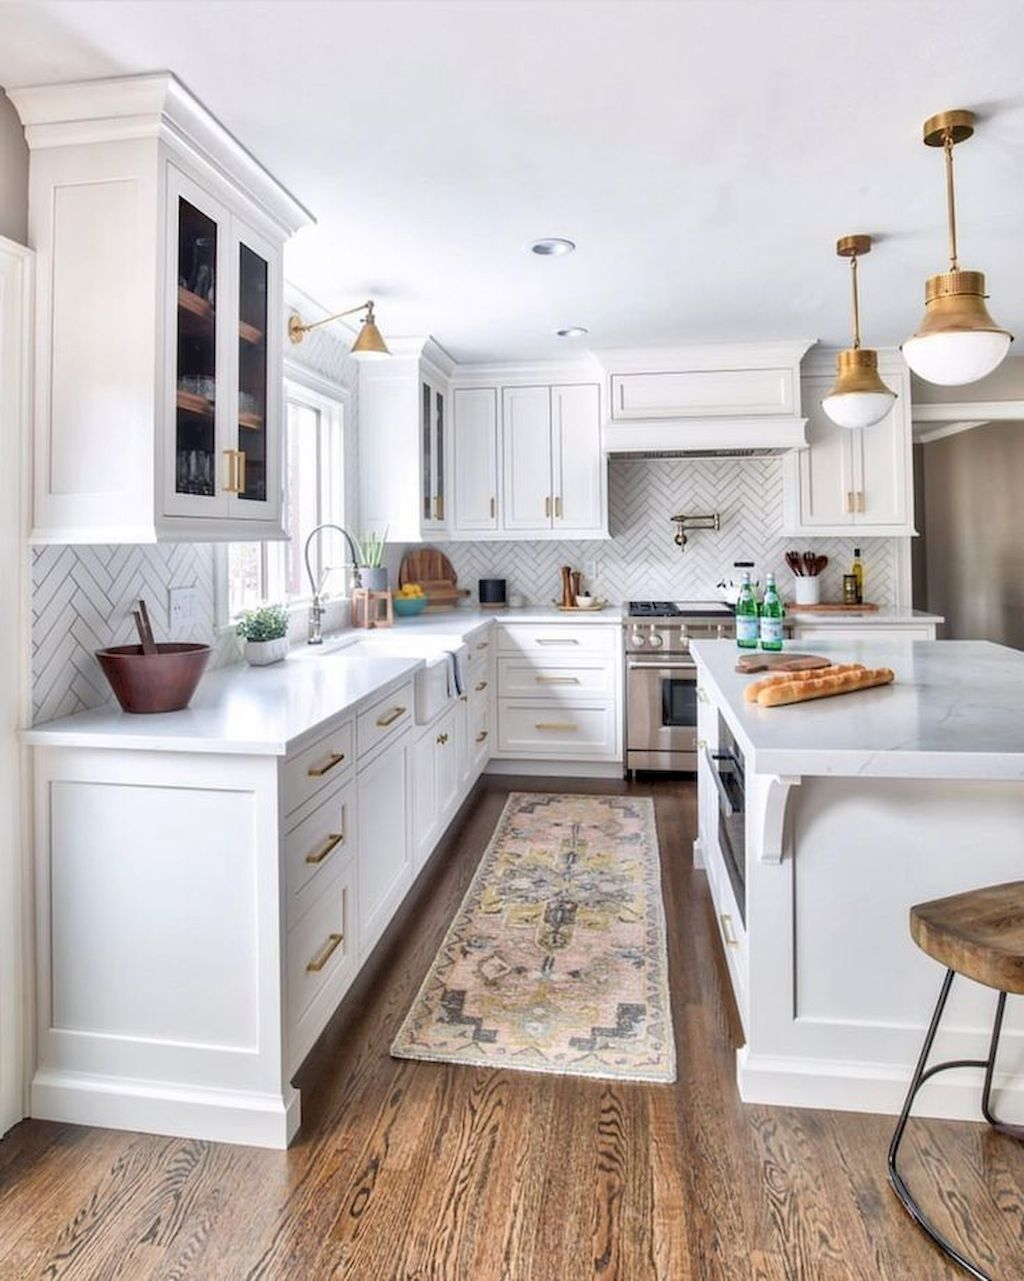 Inspiring White Kitchen Design Ideas With Luxury Accent 10